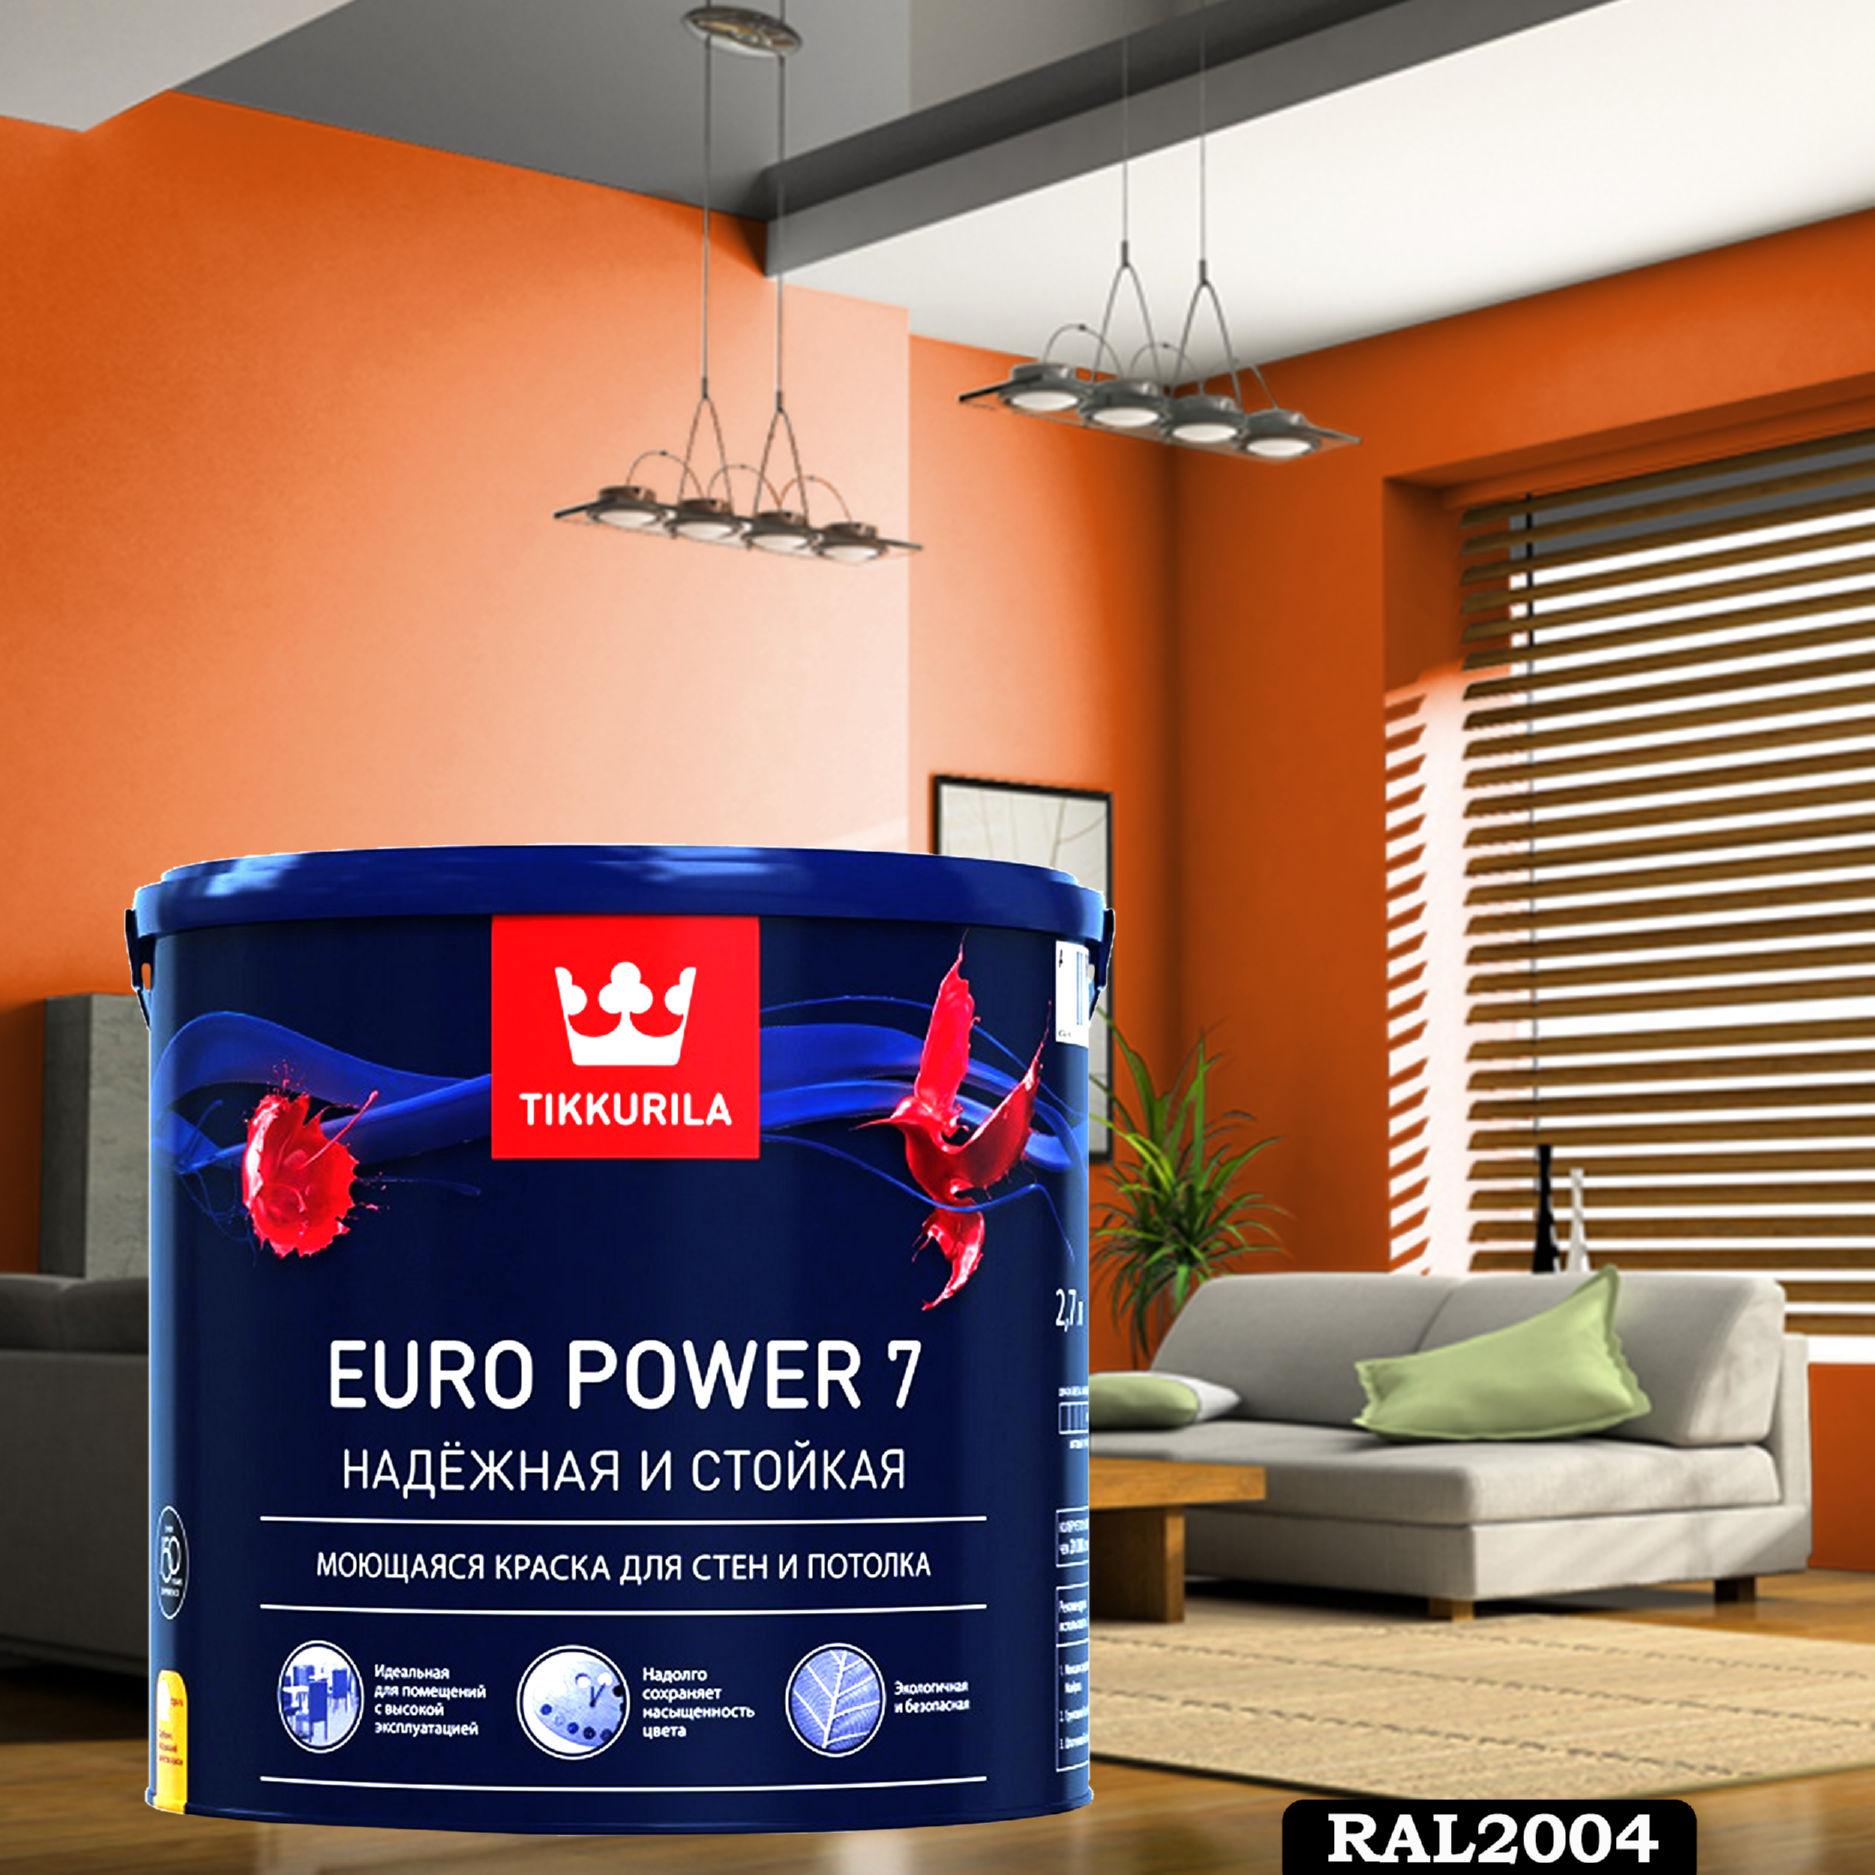 Фото 5 - Краска TIKKURILA Euro Power 7,  RAL 2004 Оранжевый, латексная моющаяся матовая интерьерная, 9 л.